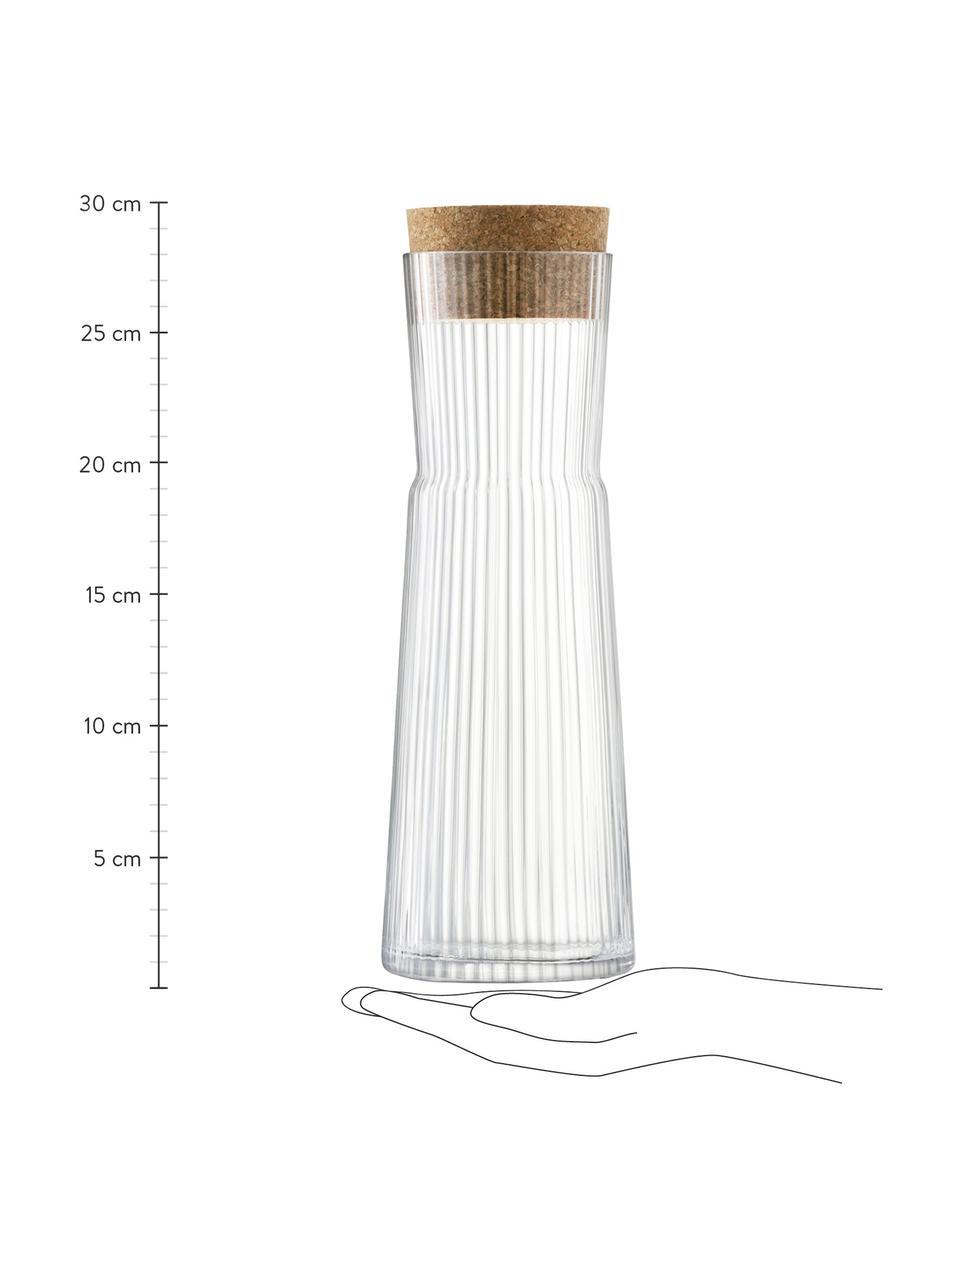 Karafka ze szkła Gio Line, 1,35 l, Transparentny, korek, W 30 cm